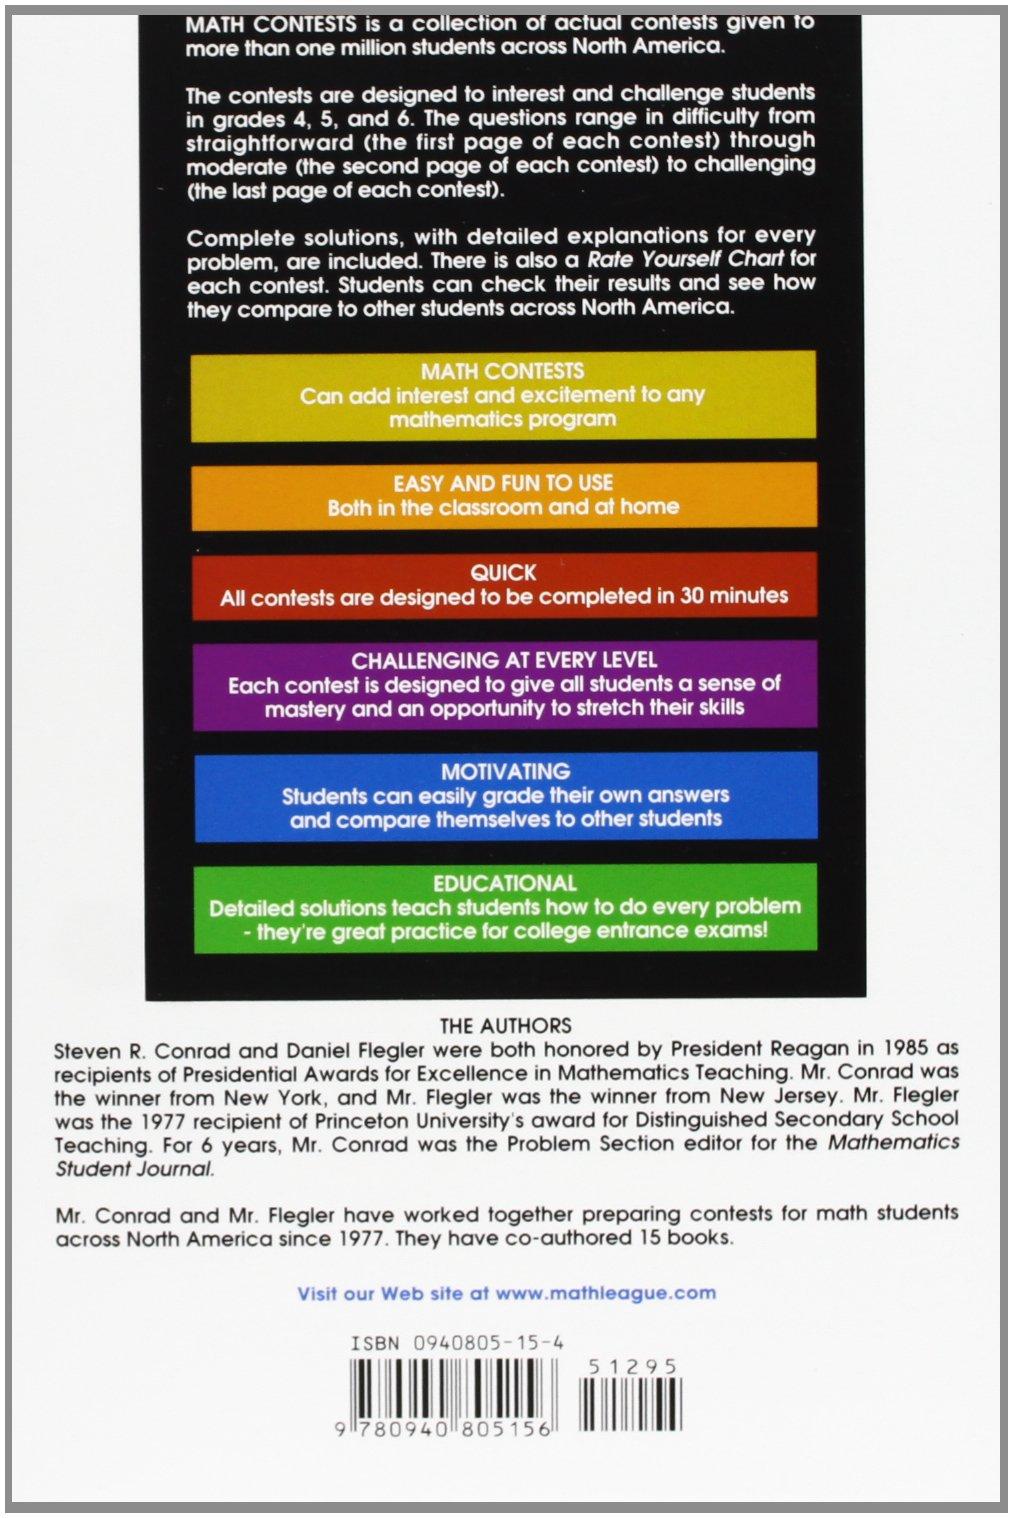 amazon com math contests grades 4 5 6 vol 5 9780940805156